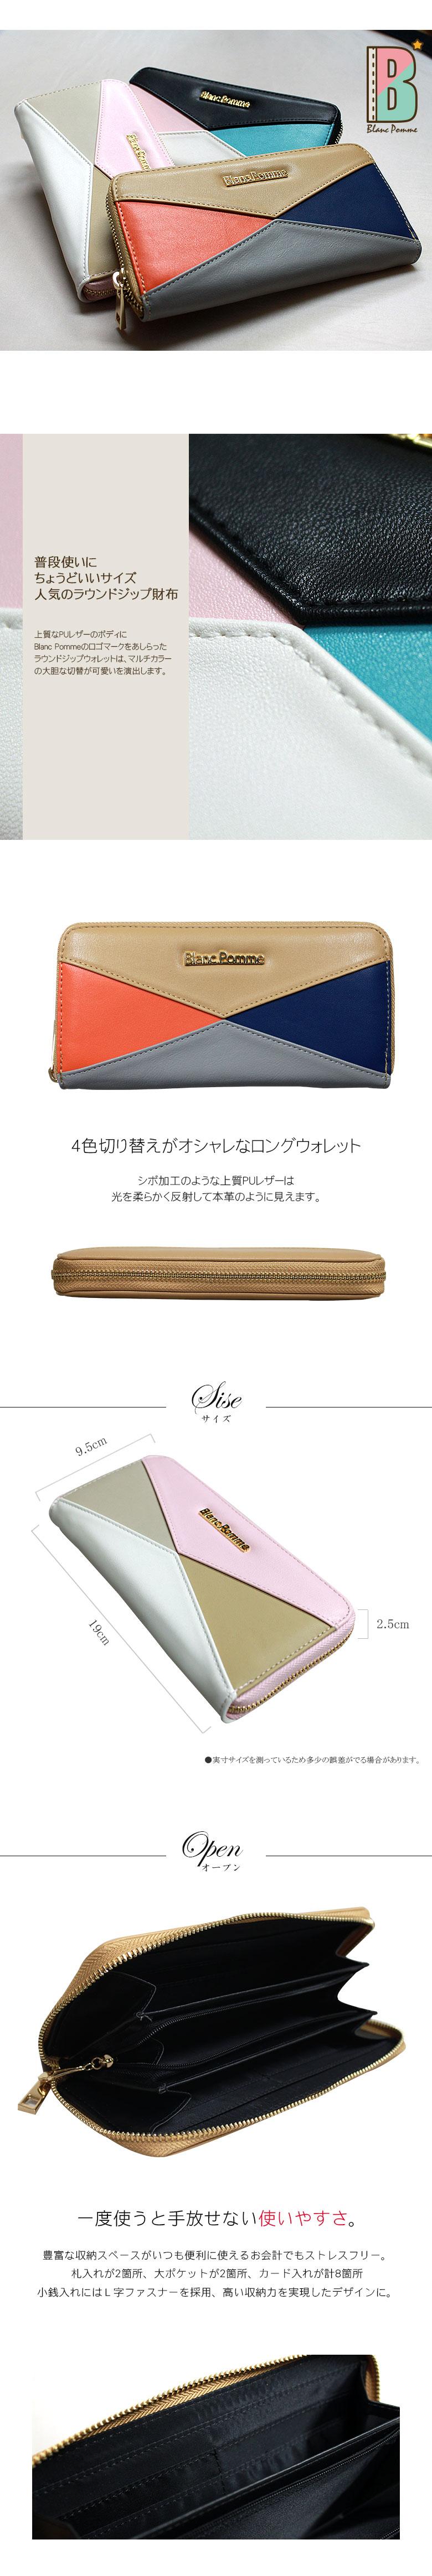 財布 通販 クロスカラー ロングウォレットブラック・ブラウン・ライトピンク 合成皮革